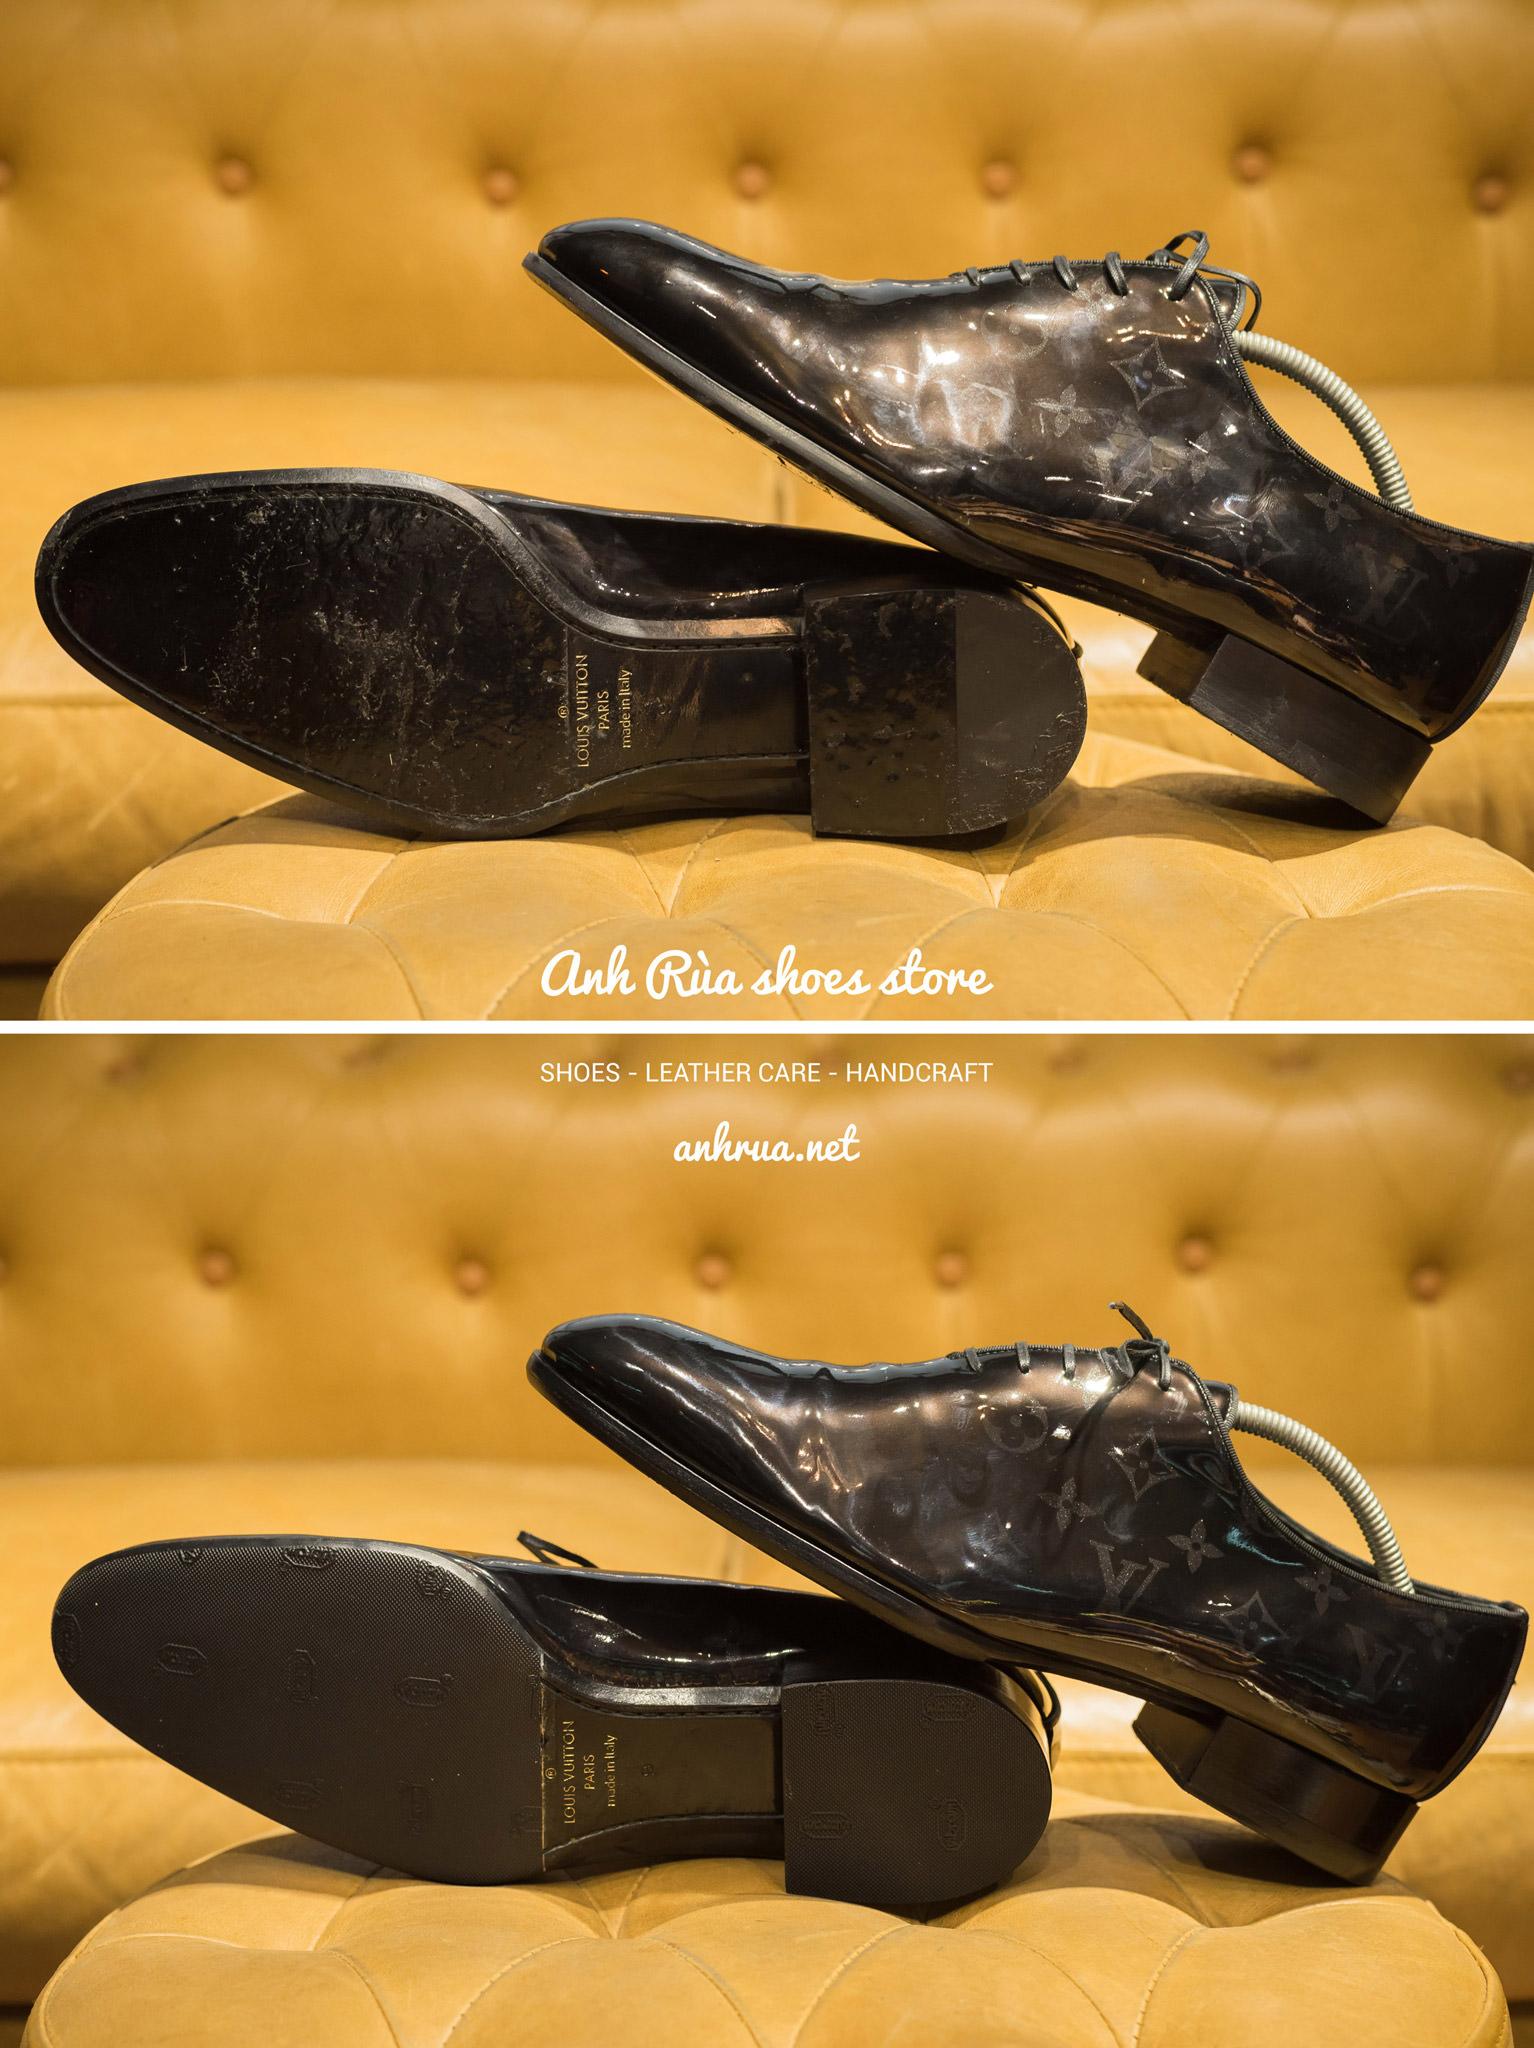 Dán đế giày Vibram